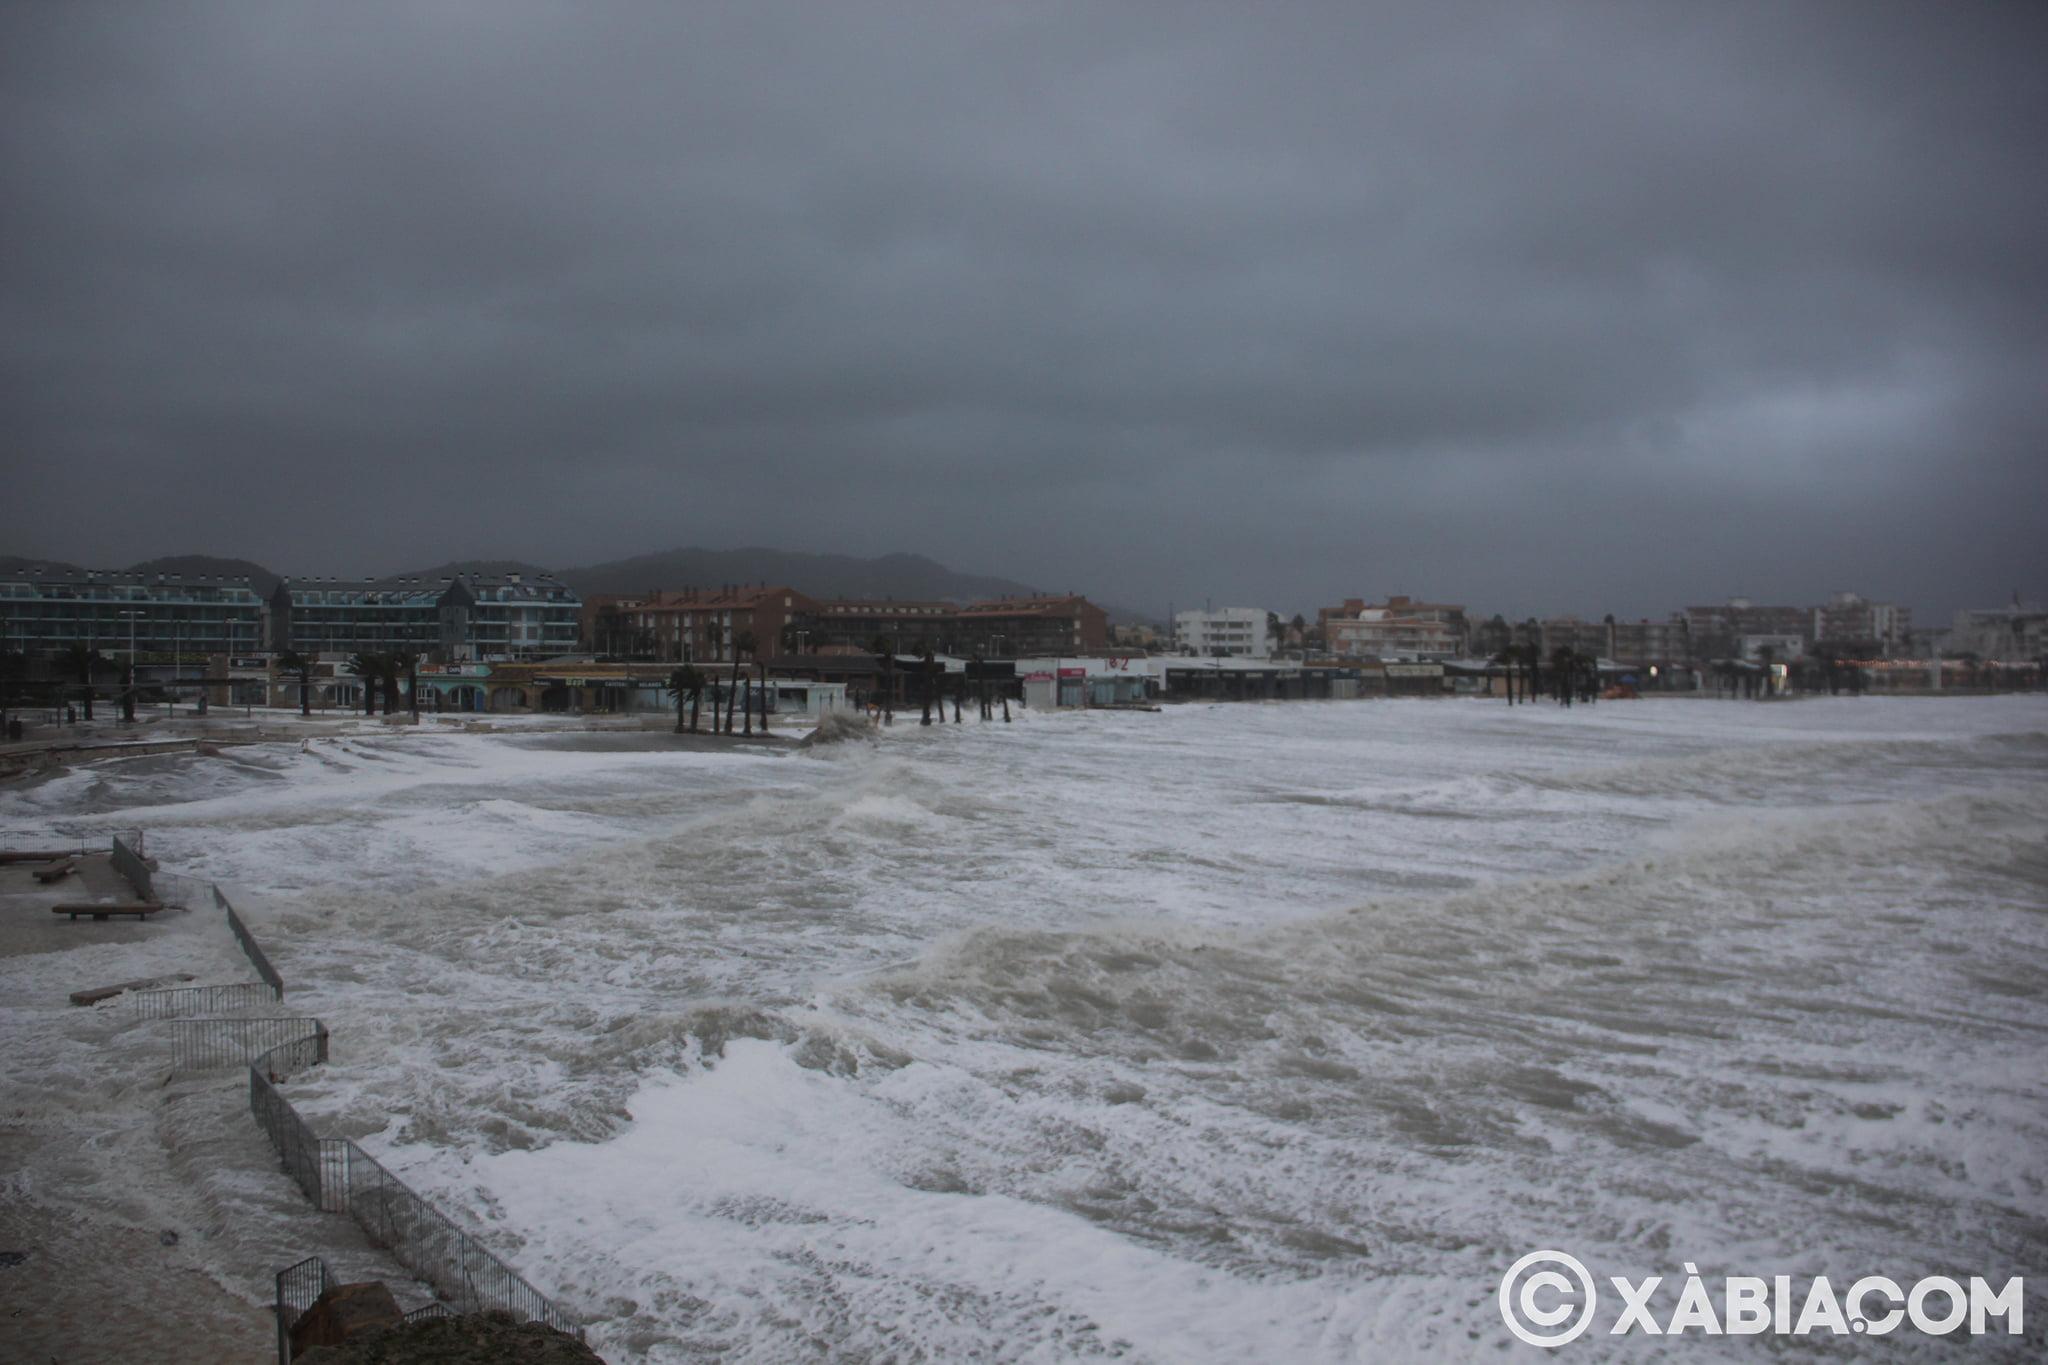 Brandelli di pioggia, vento e mare in Xàbia (18)